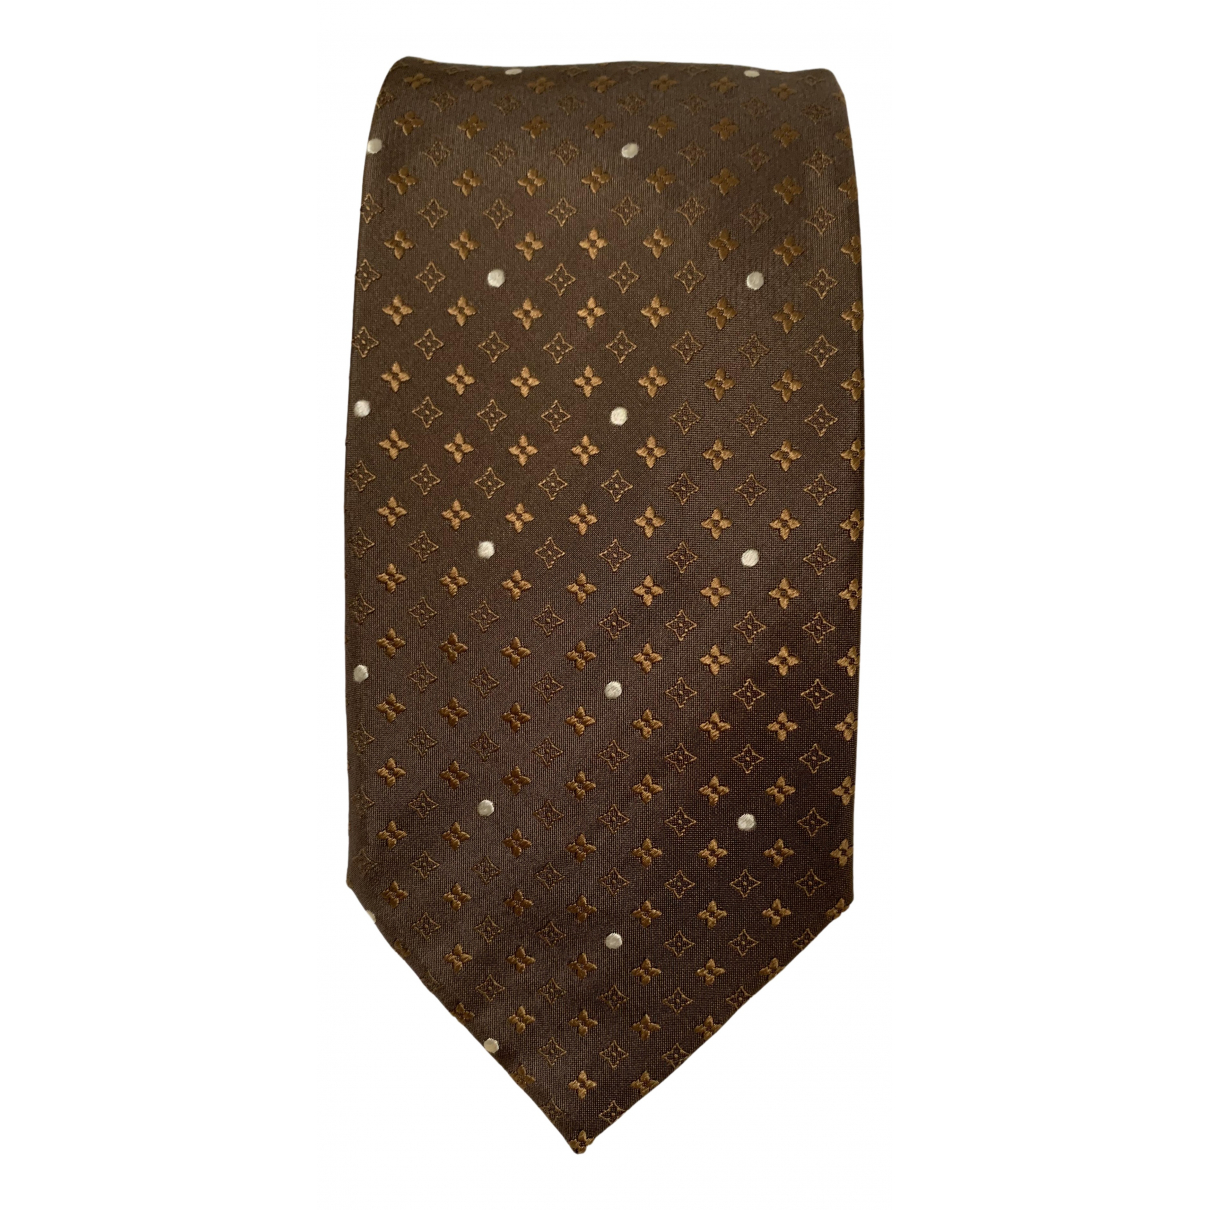 Louis Vuitton - Cravates   pour homme en soie - marron